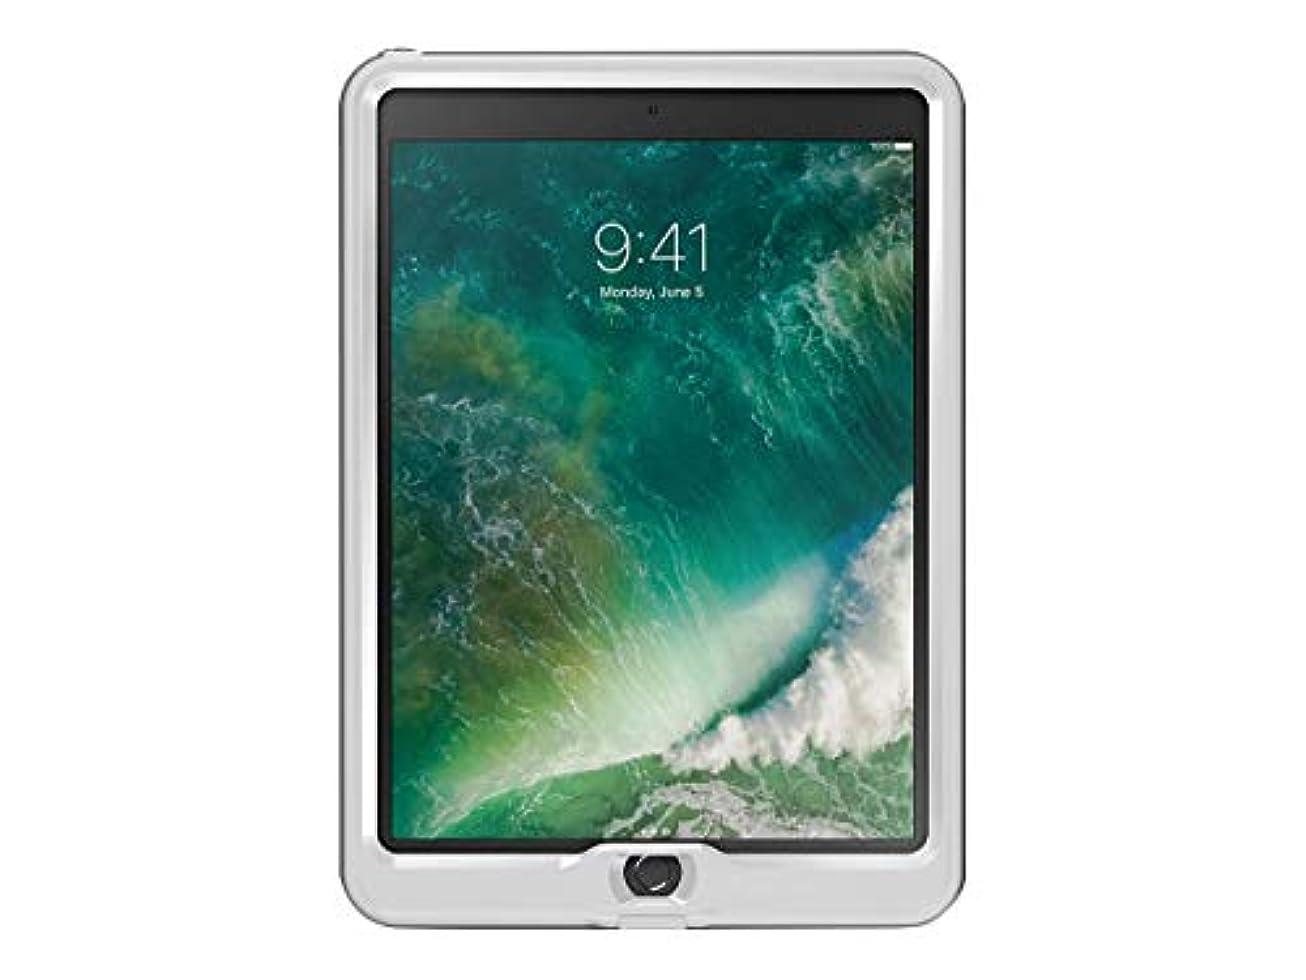 親密な心理学国民LifeProof NÜÜDシリーズ 防水ケース iPad Pro 10.5インチ用 (2017年版) プロパック - バルクパッケージ - スノーキャップグレー